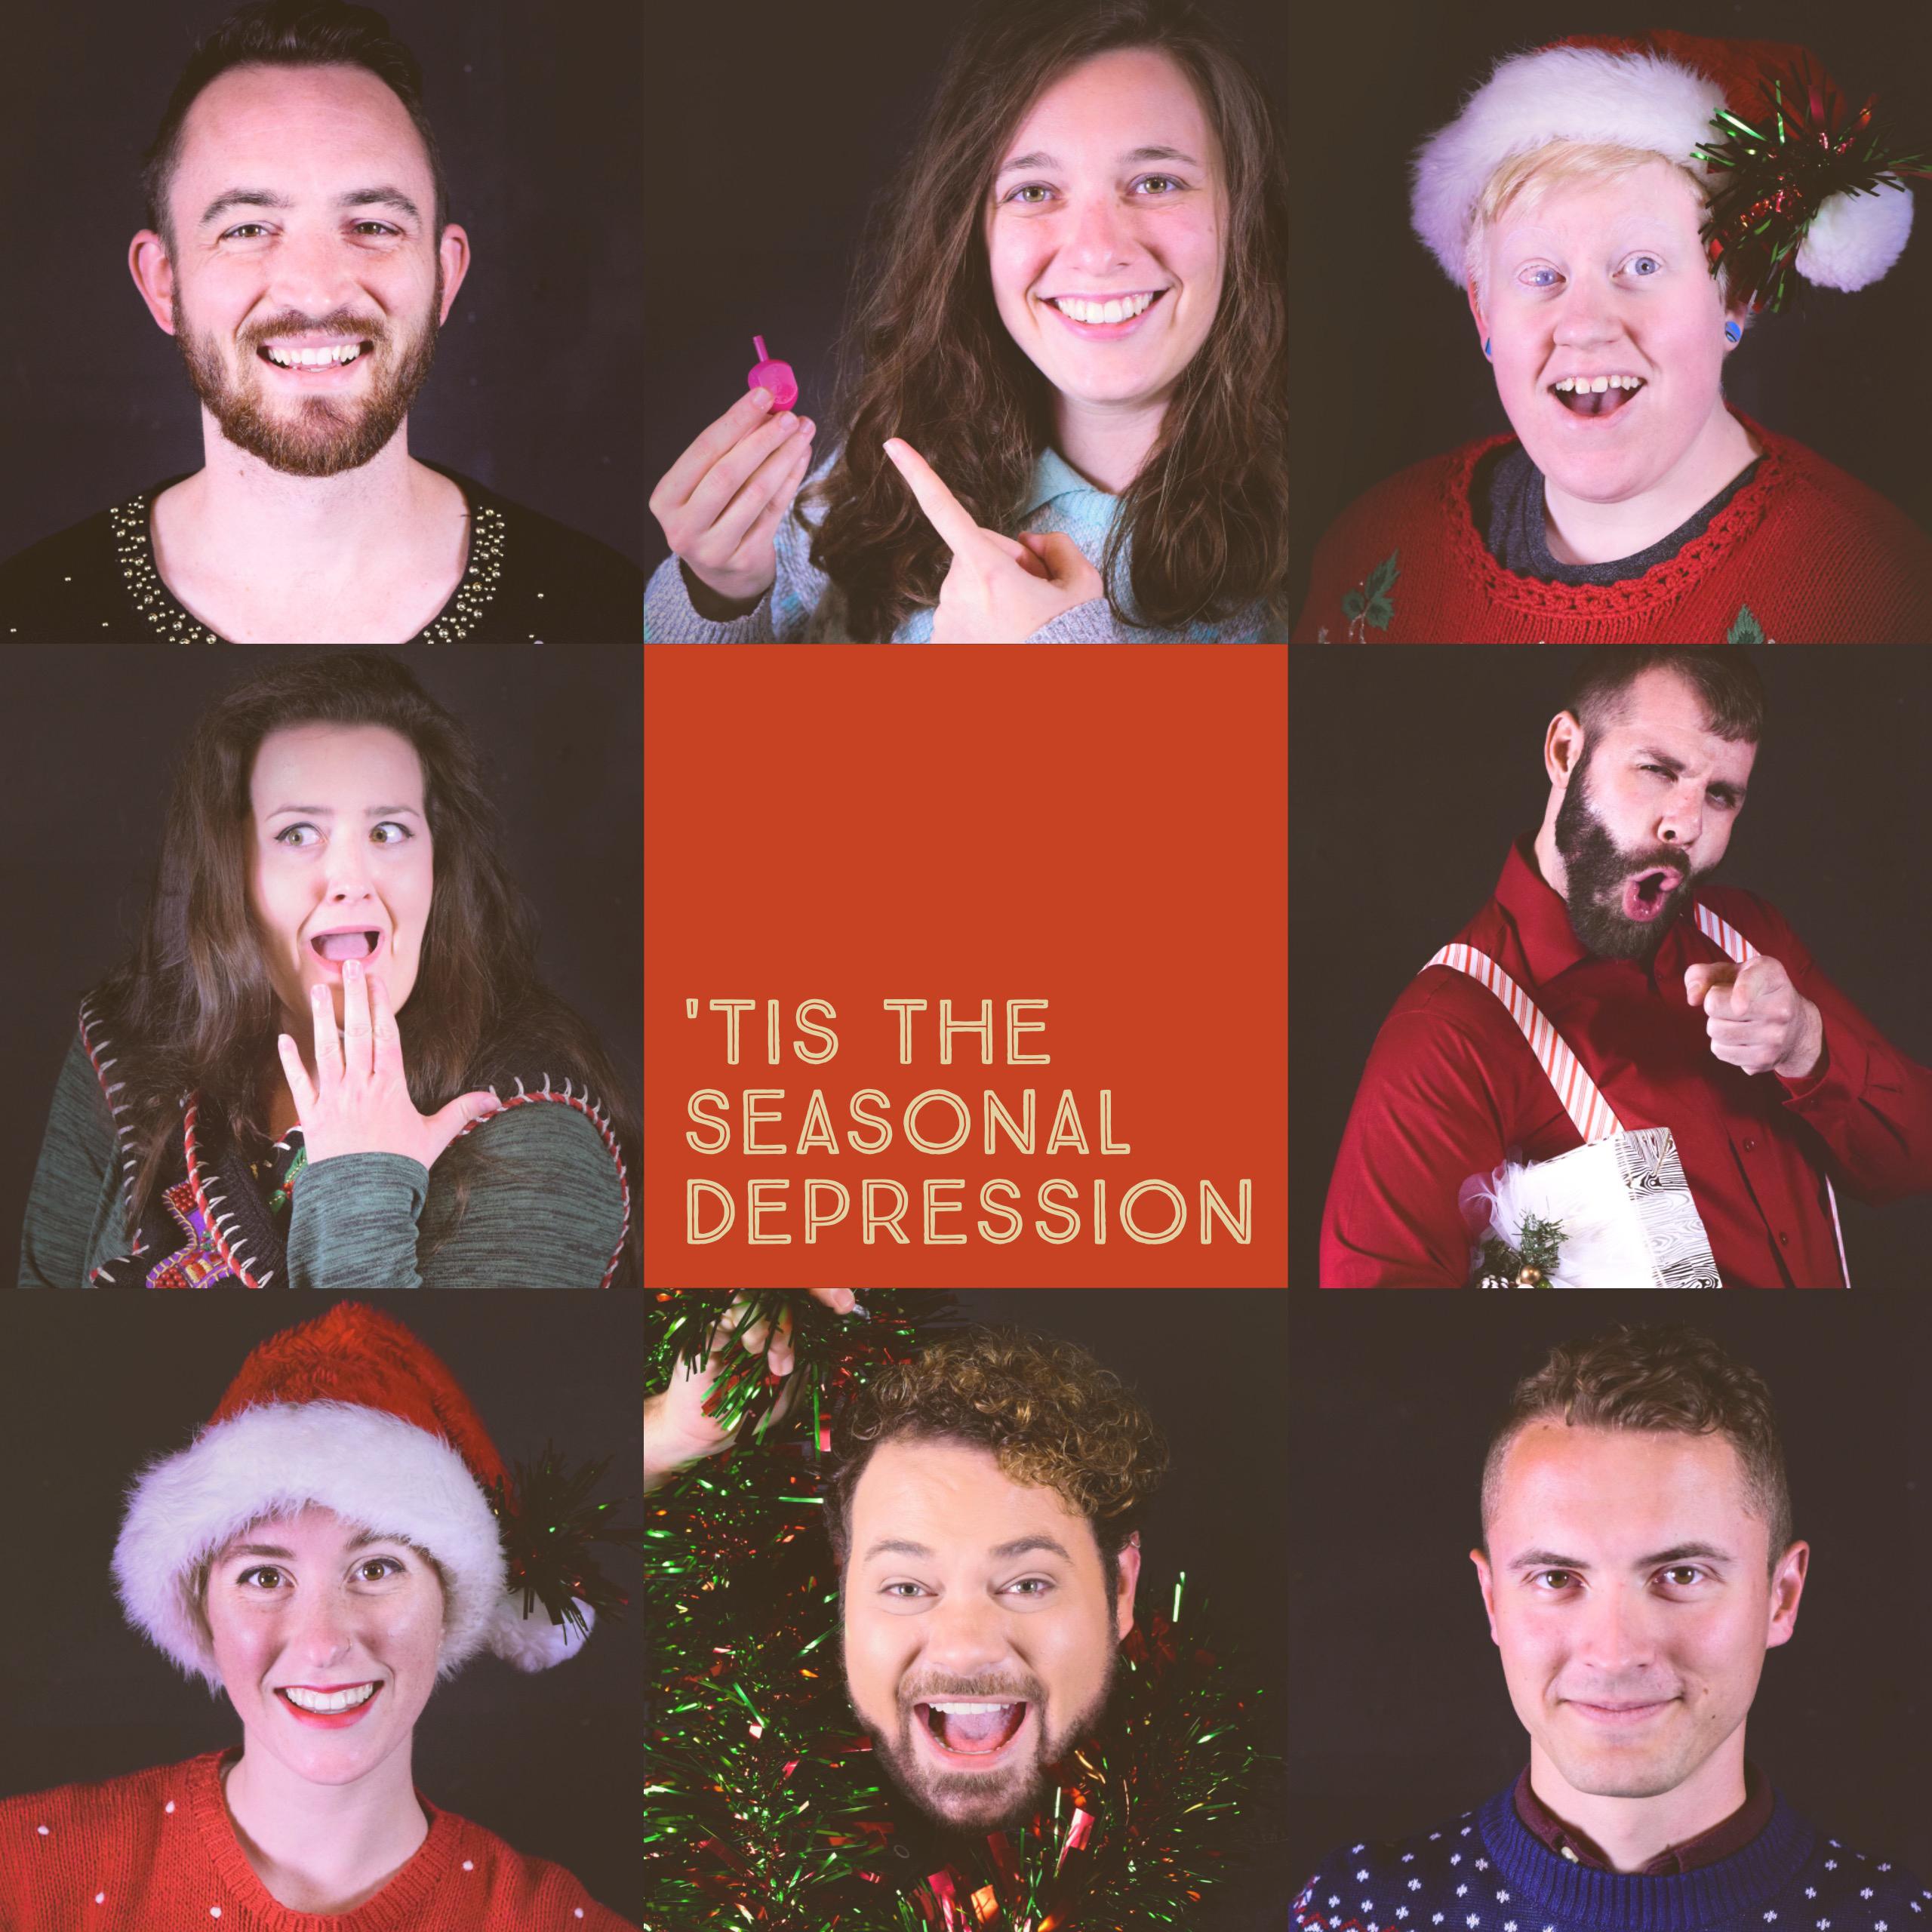 GayCo Productions' <i>'Tis the Seasonal Depression</i>